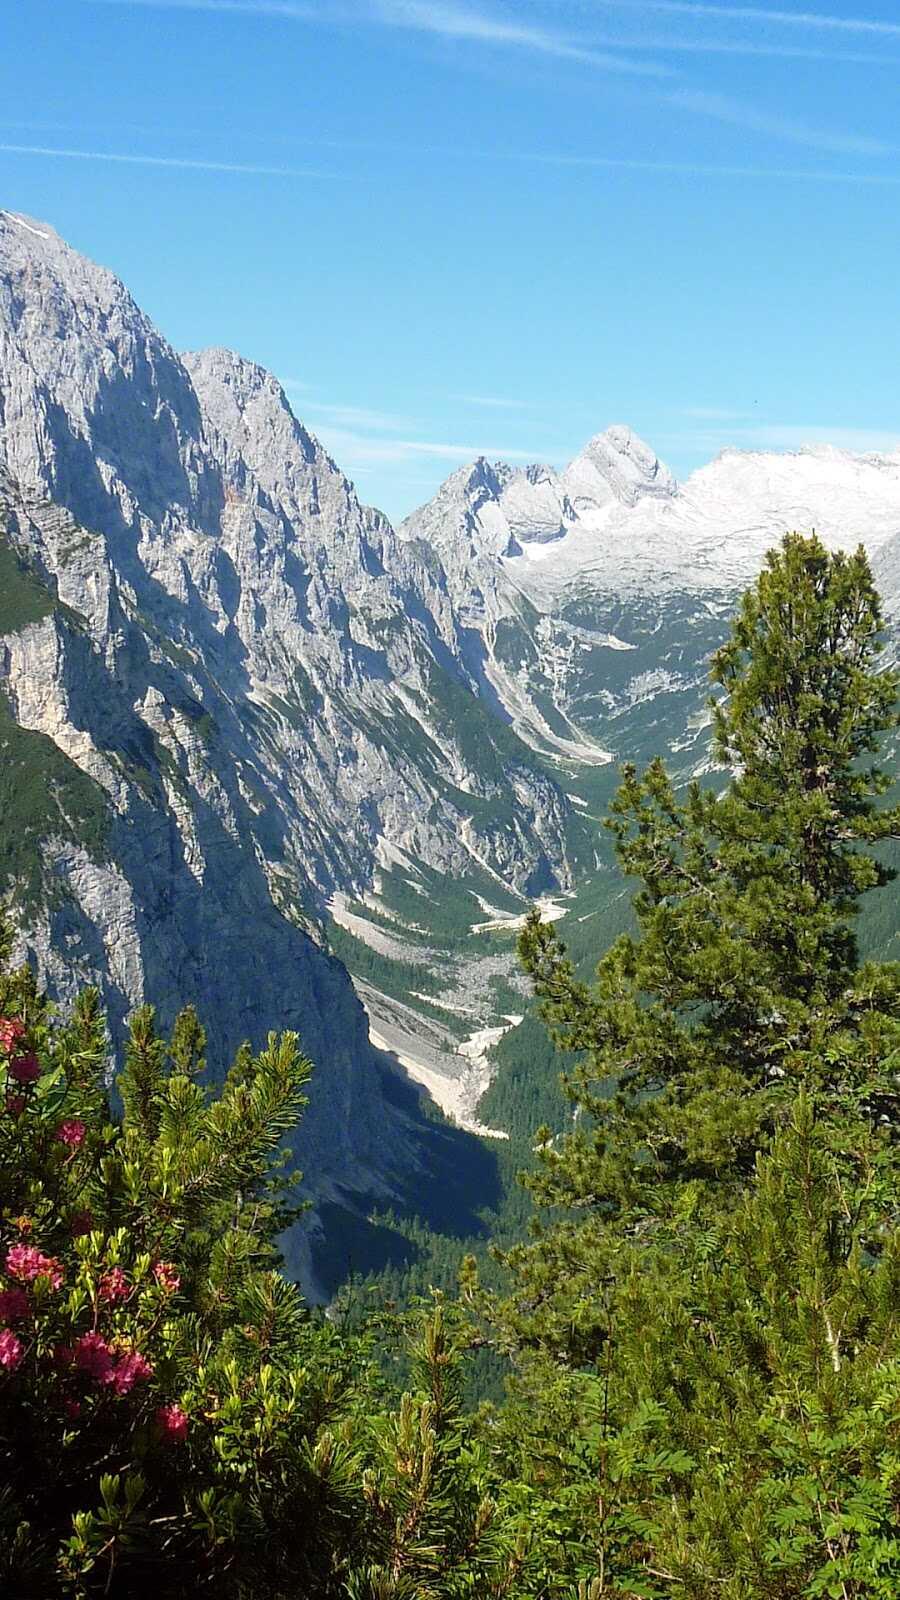 forets dans les alpes bavaroises près du refuge de Schachenhaus